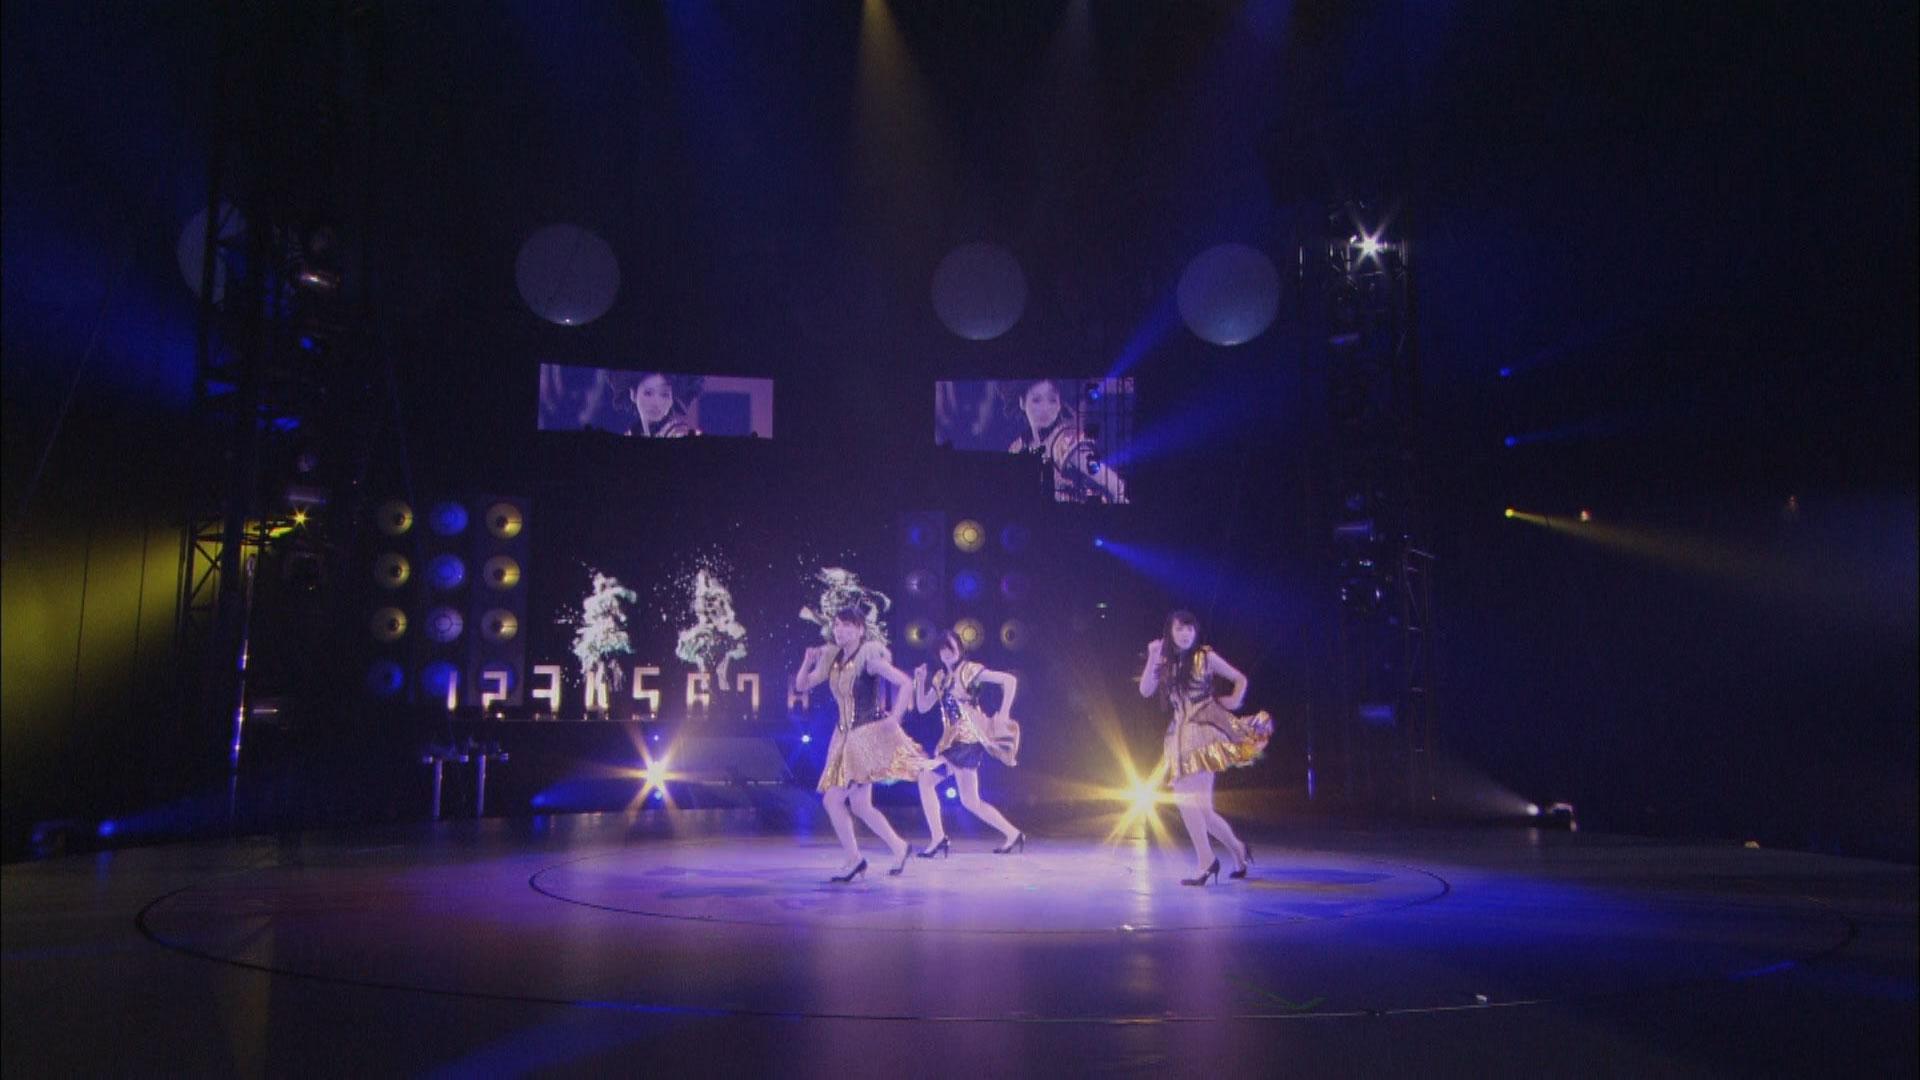 結成10周年、メジャーデビュー5周年記念! Perfume LIVE @東京ドーム「1 2 3 4 5 6 7 8 9 10 11」